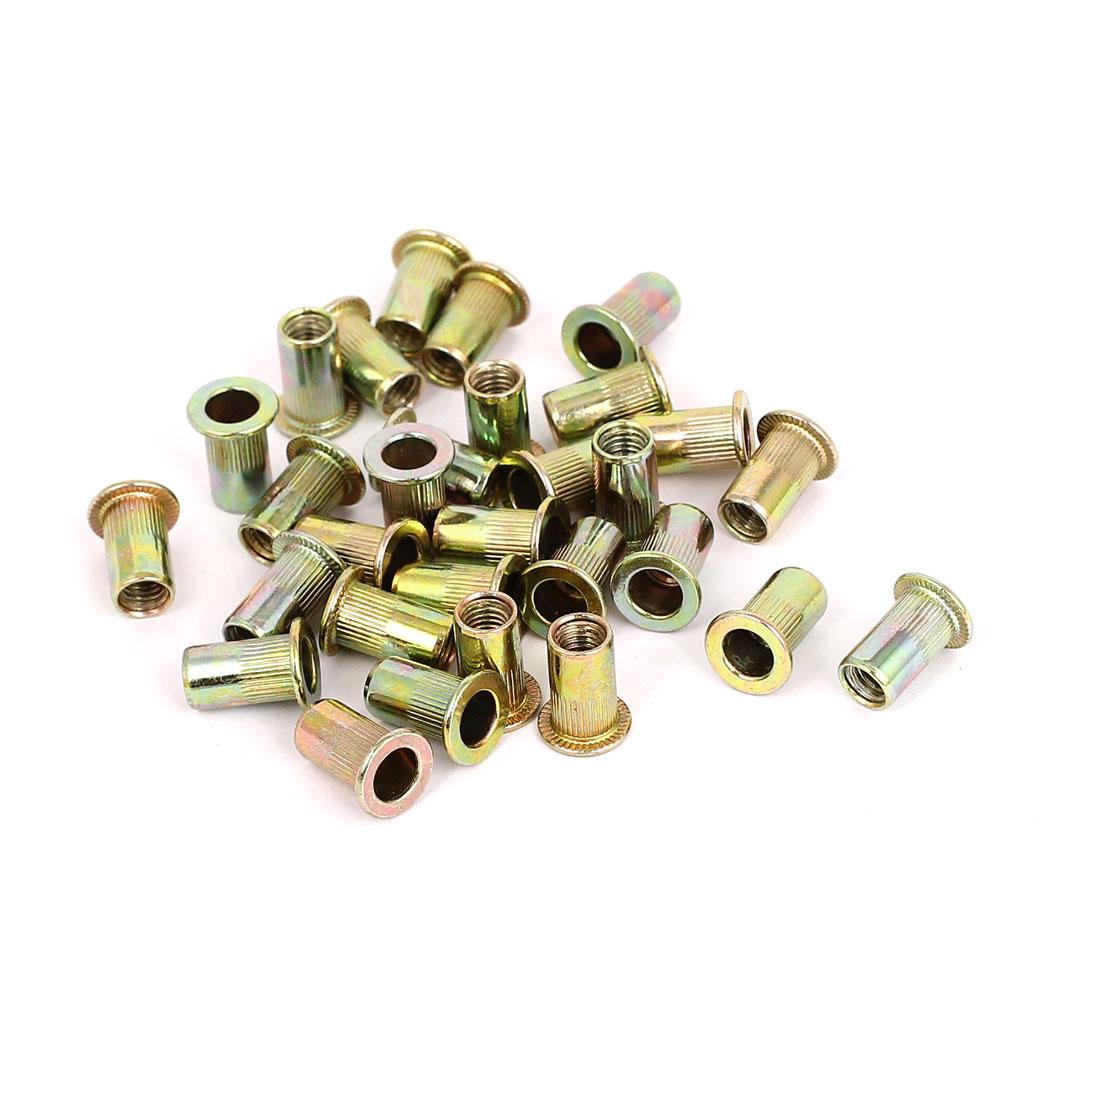 30pcs M5x13mm Serrated Threaded Countersunk Head Rivet Nuts Nutserts